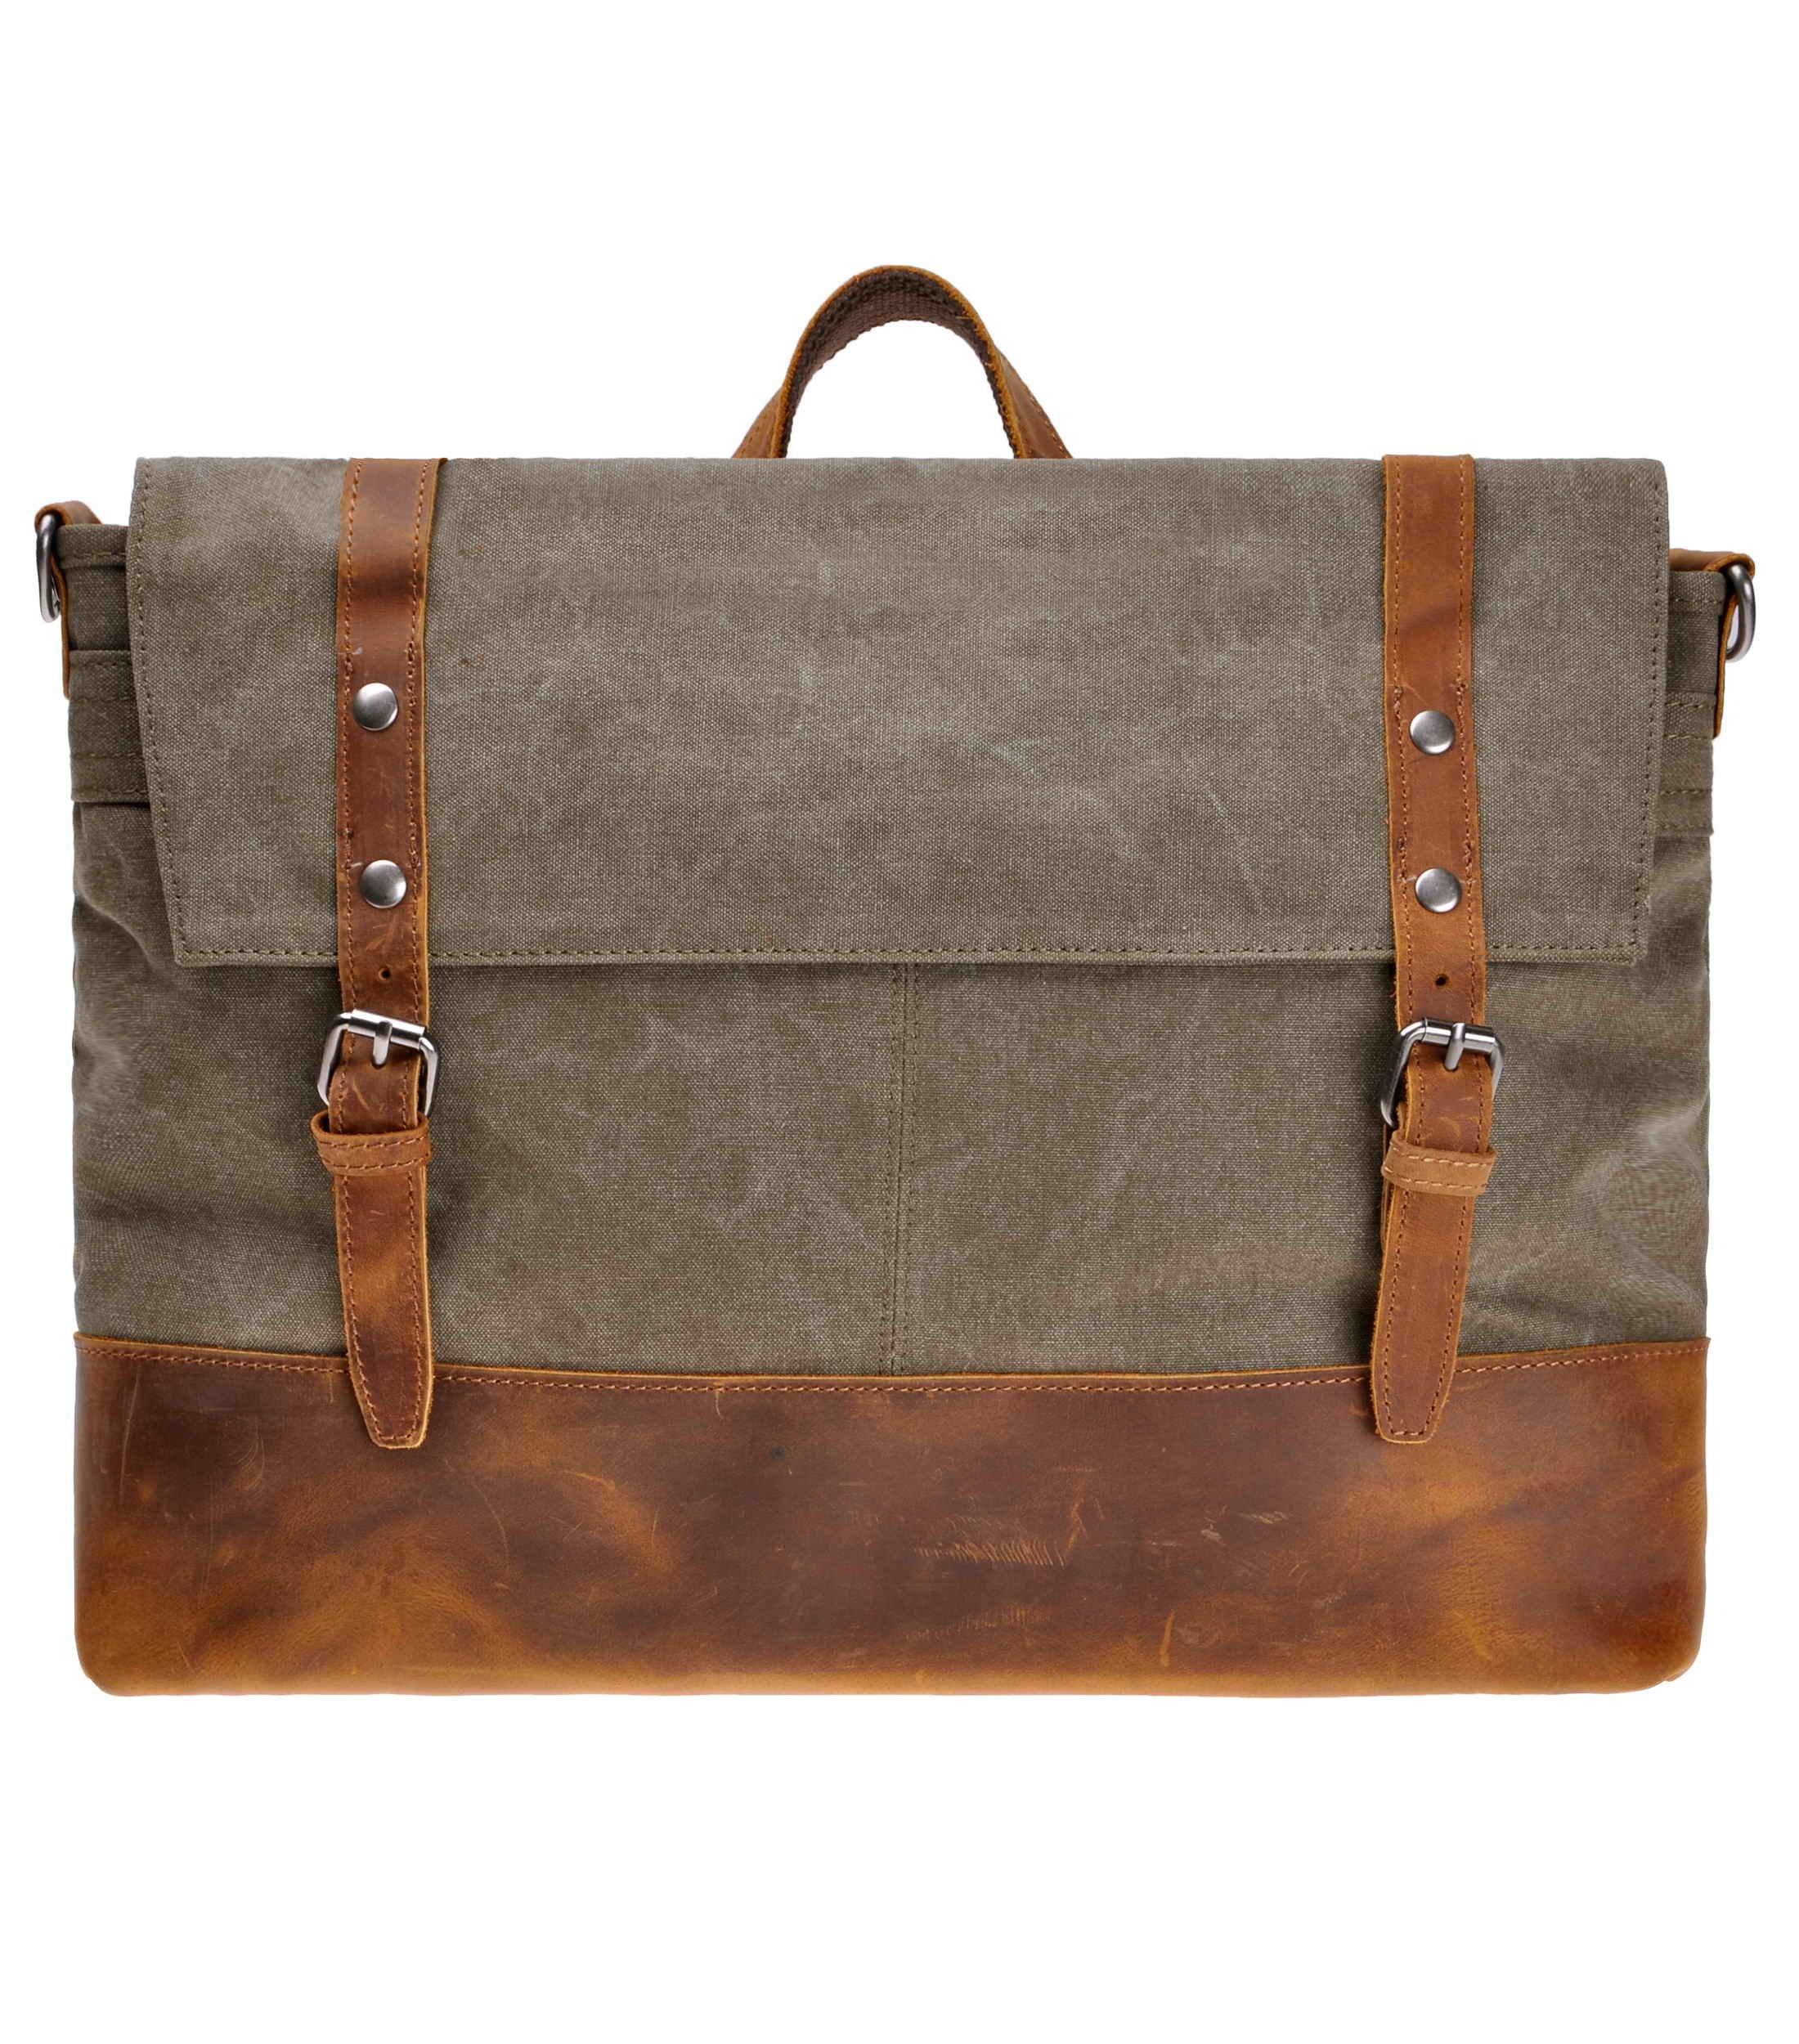 ZLYC Canvas Messenger Bag Leather Trim 15.6 Inch Laptop Bag Military Shoulder Bag Vintage Handbag